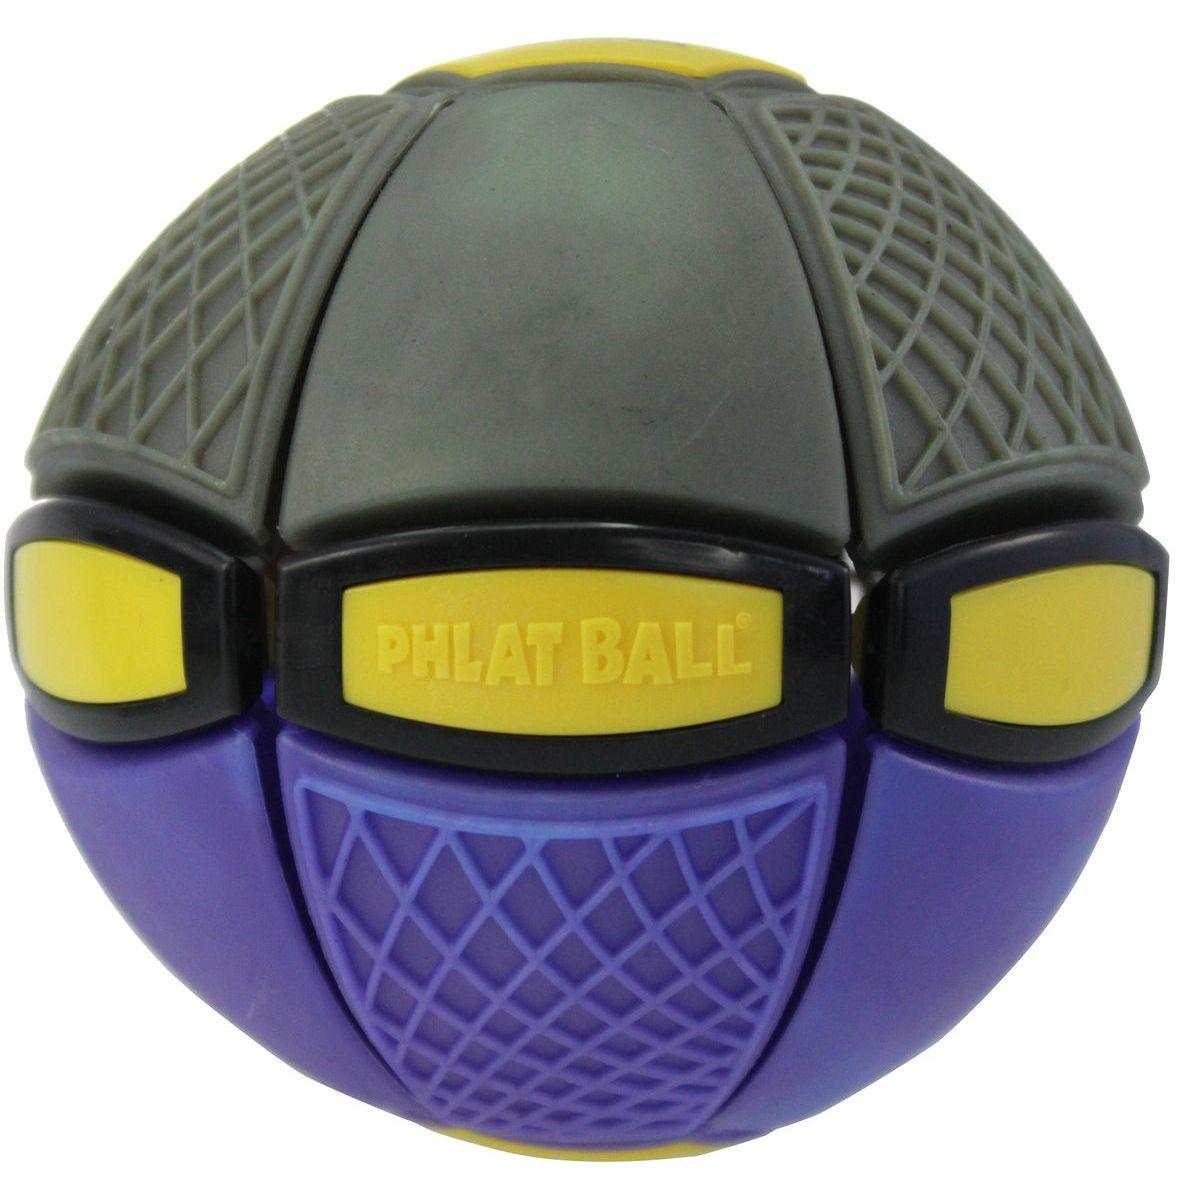 Phlat Ball Chameleon JR Měnící barvu fialovo-khaki